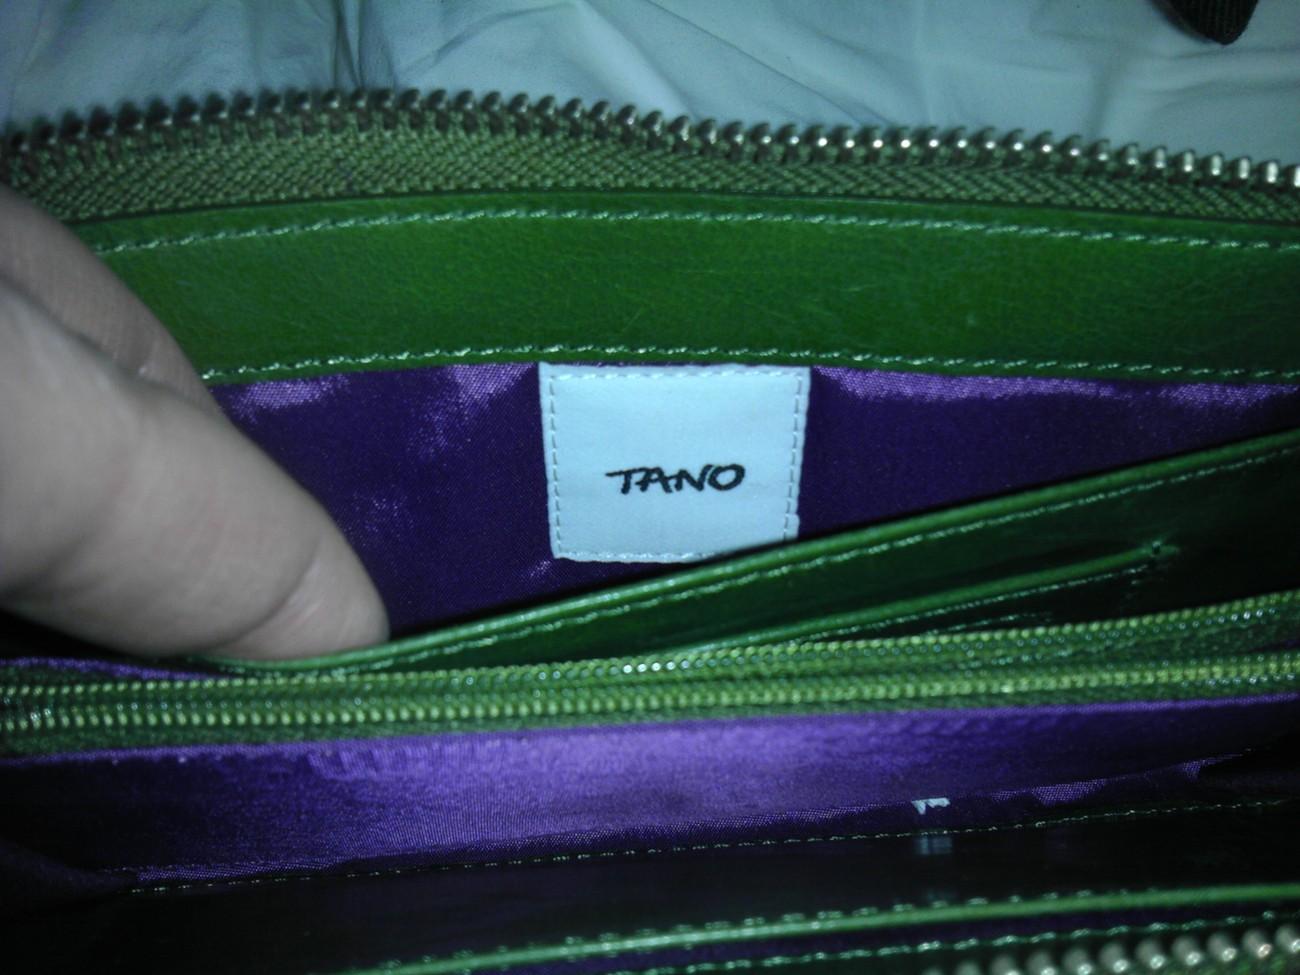 Tano Model Mystery